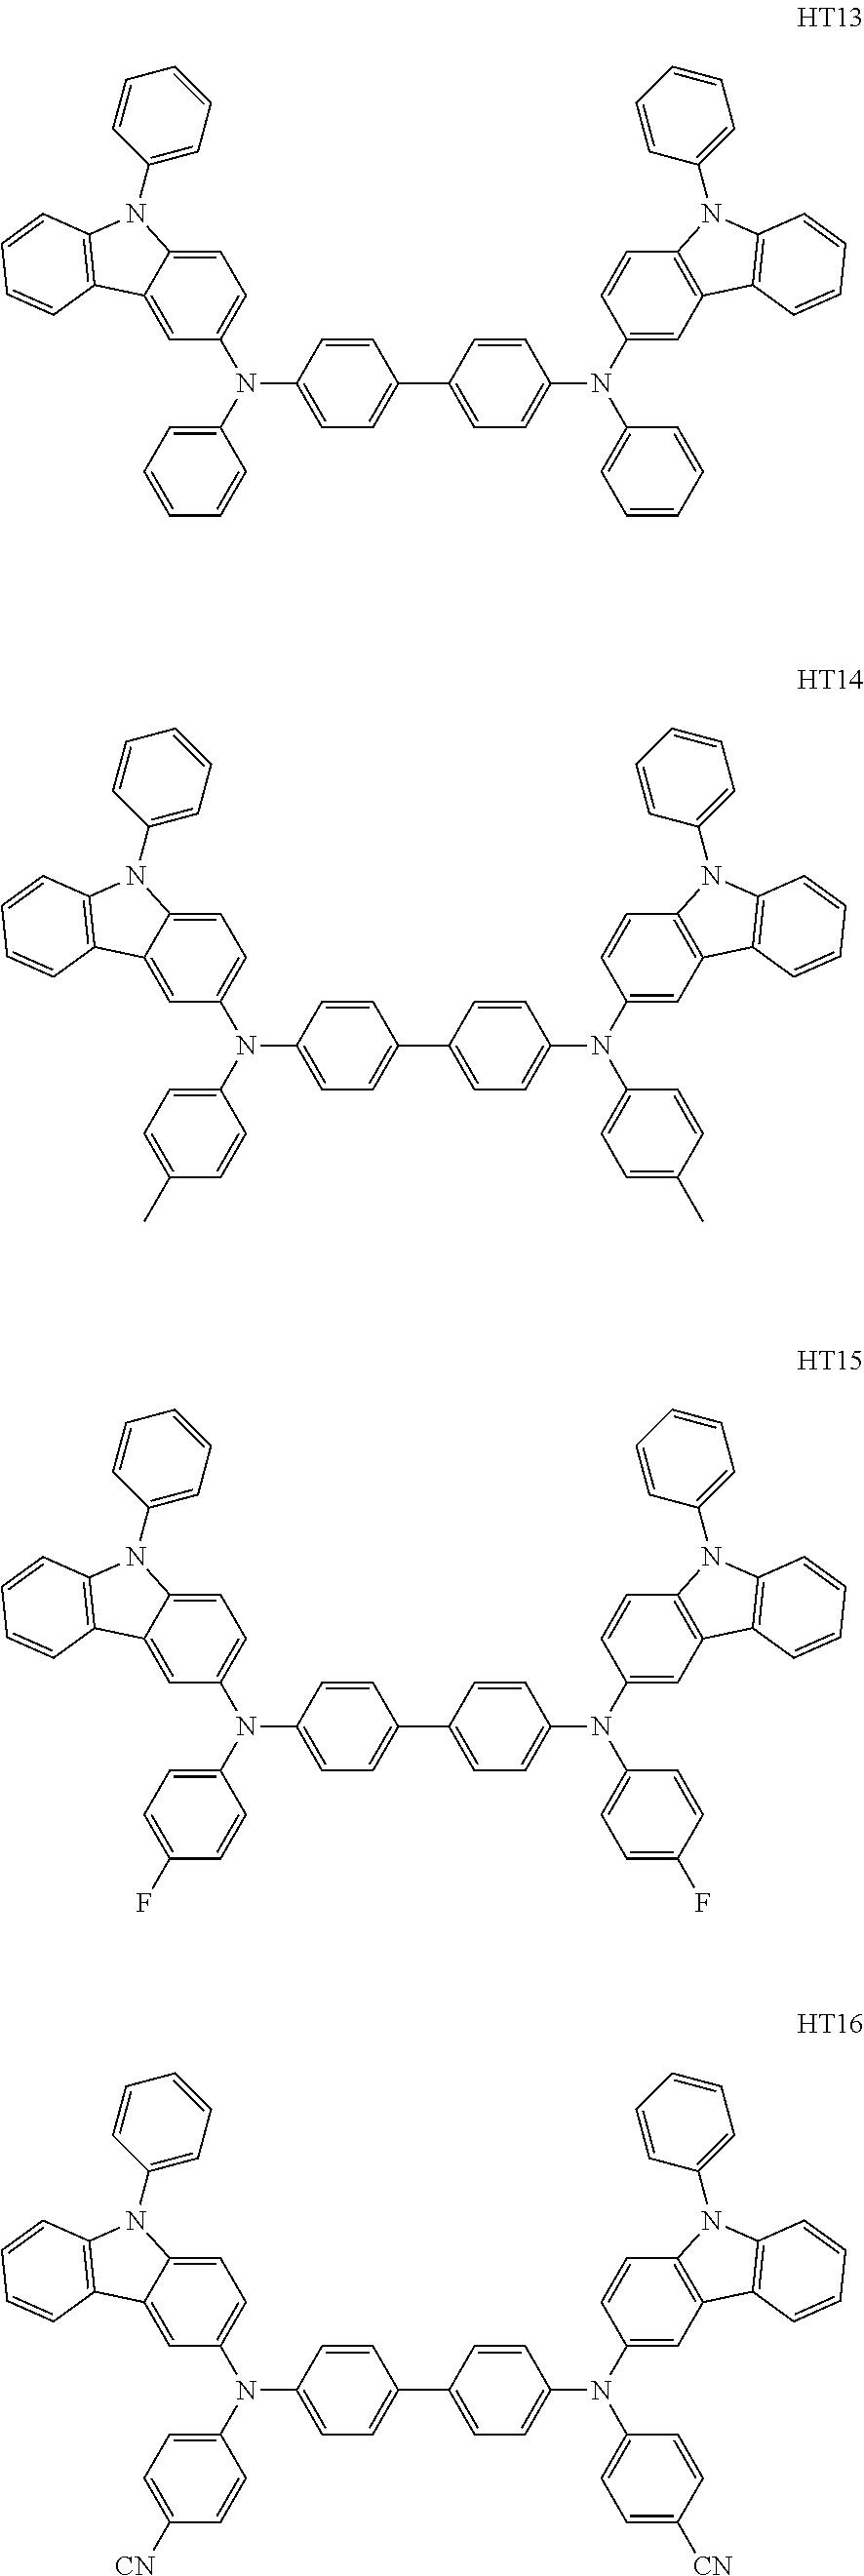 Figure US09722191-20170801-C00038